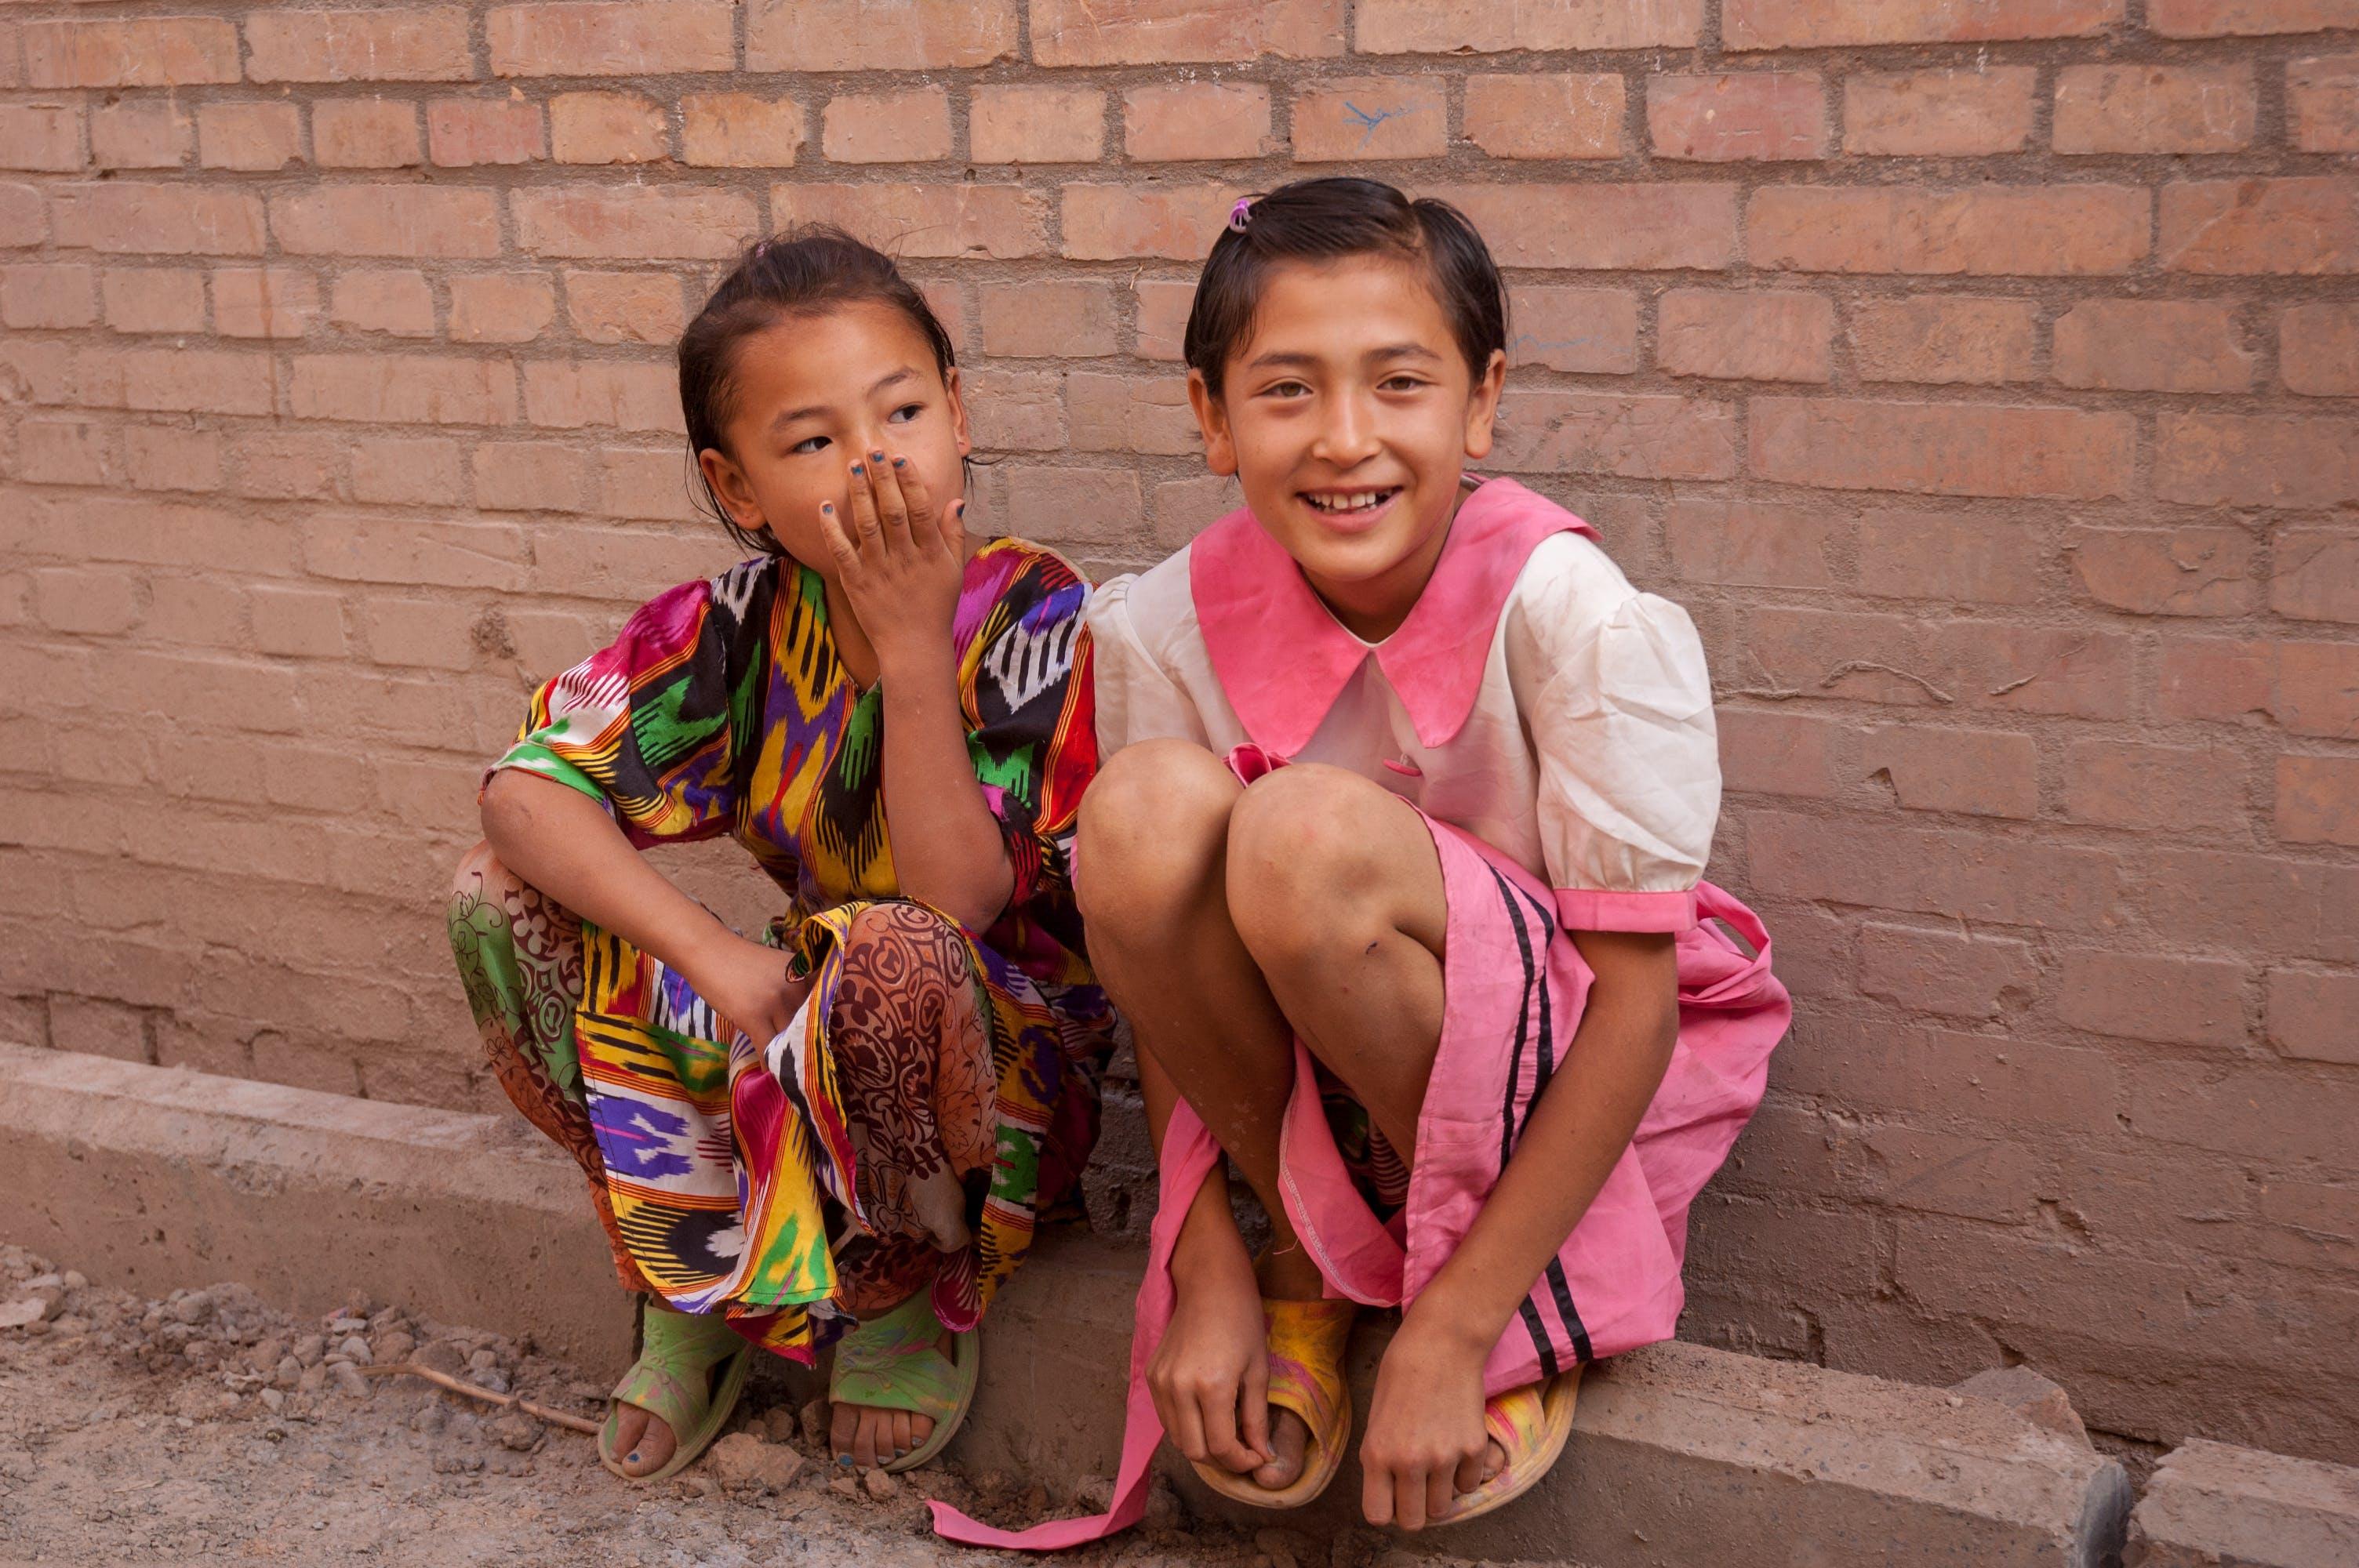 china, Muslims, smiling